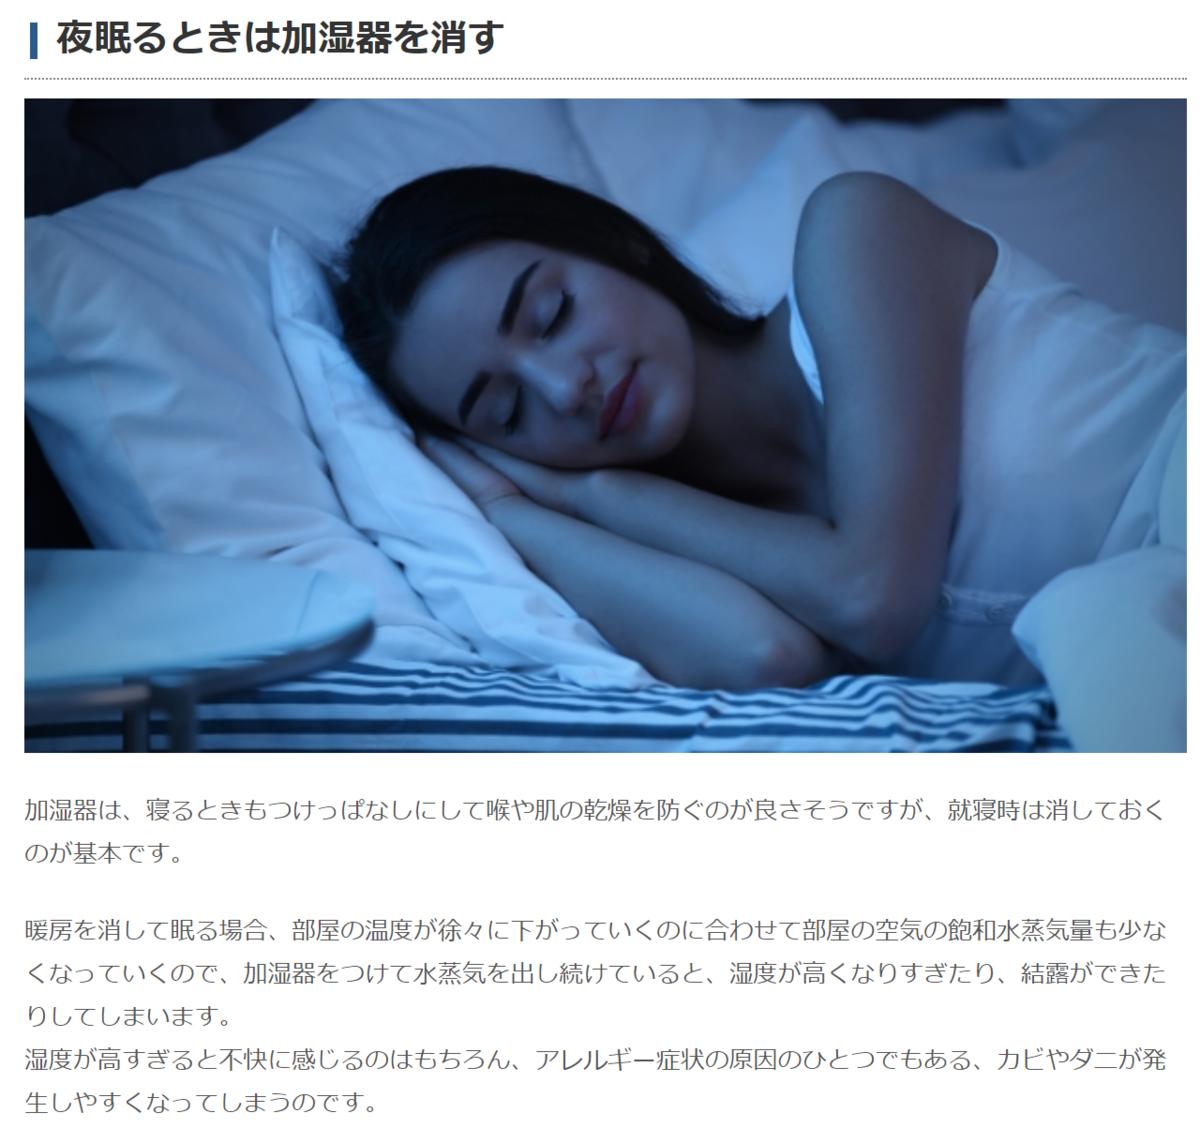 f:id:dokudoku0622:20210119215504p:plain